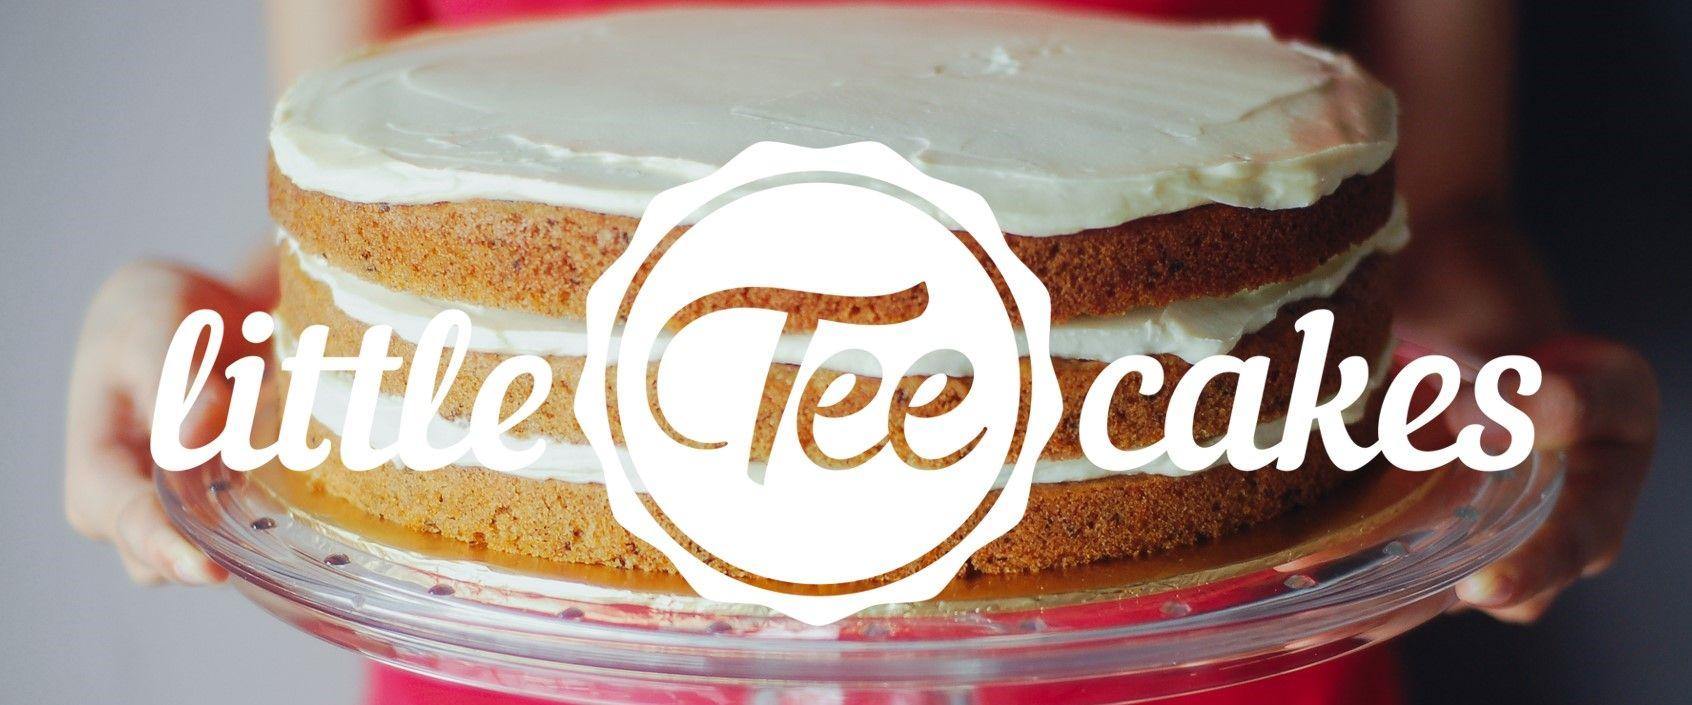 Little Tee Cakes